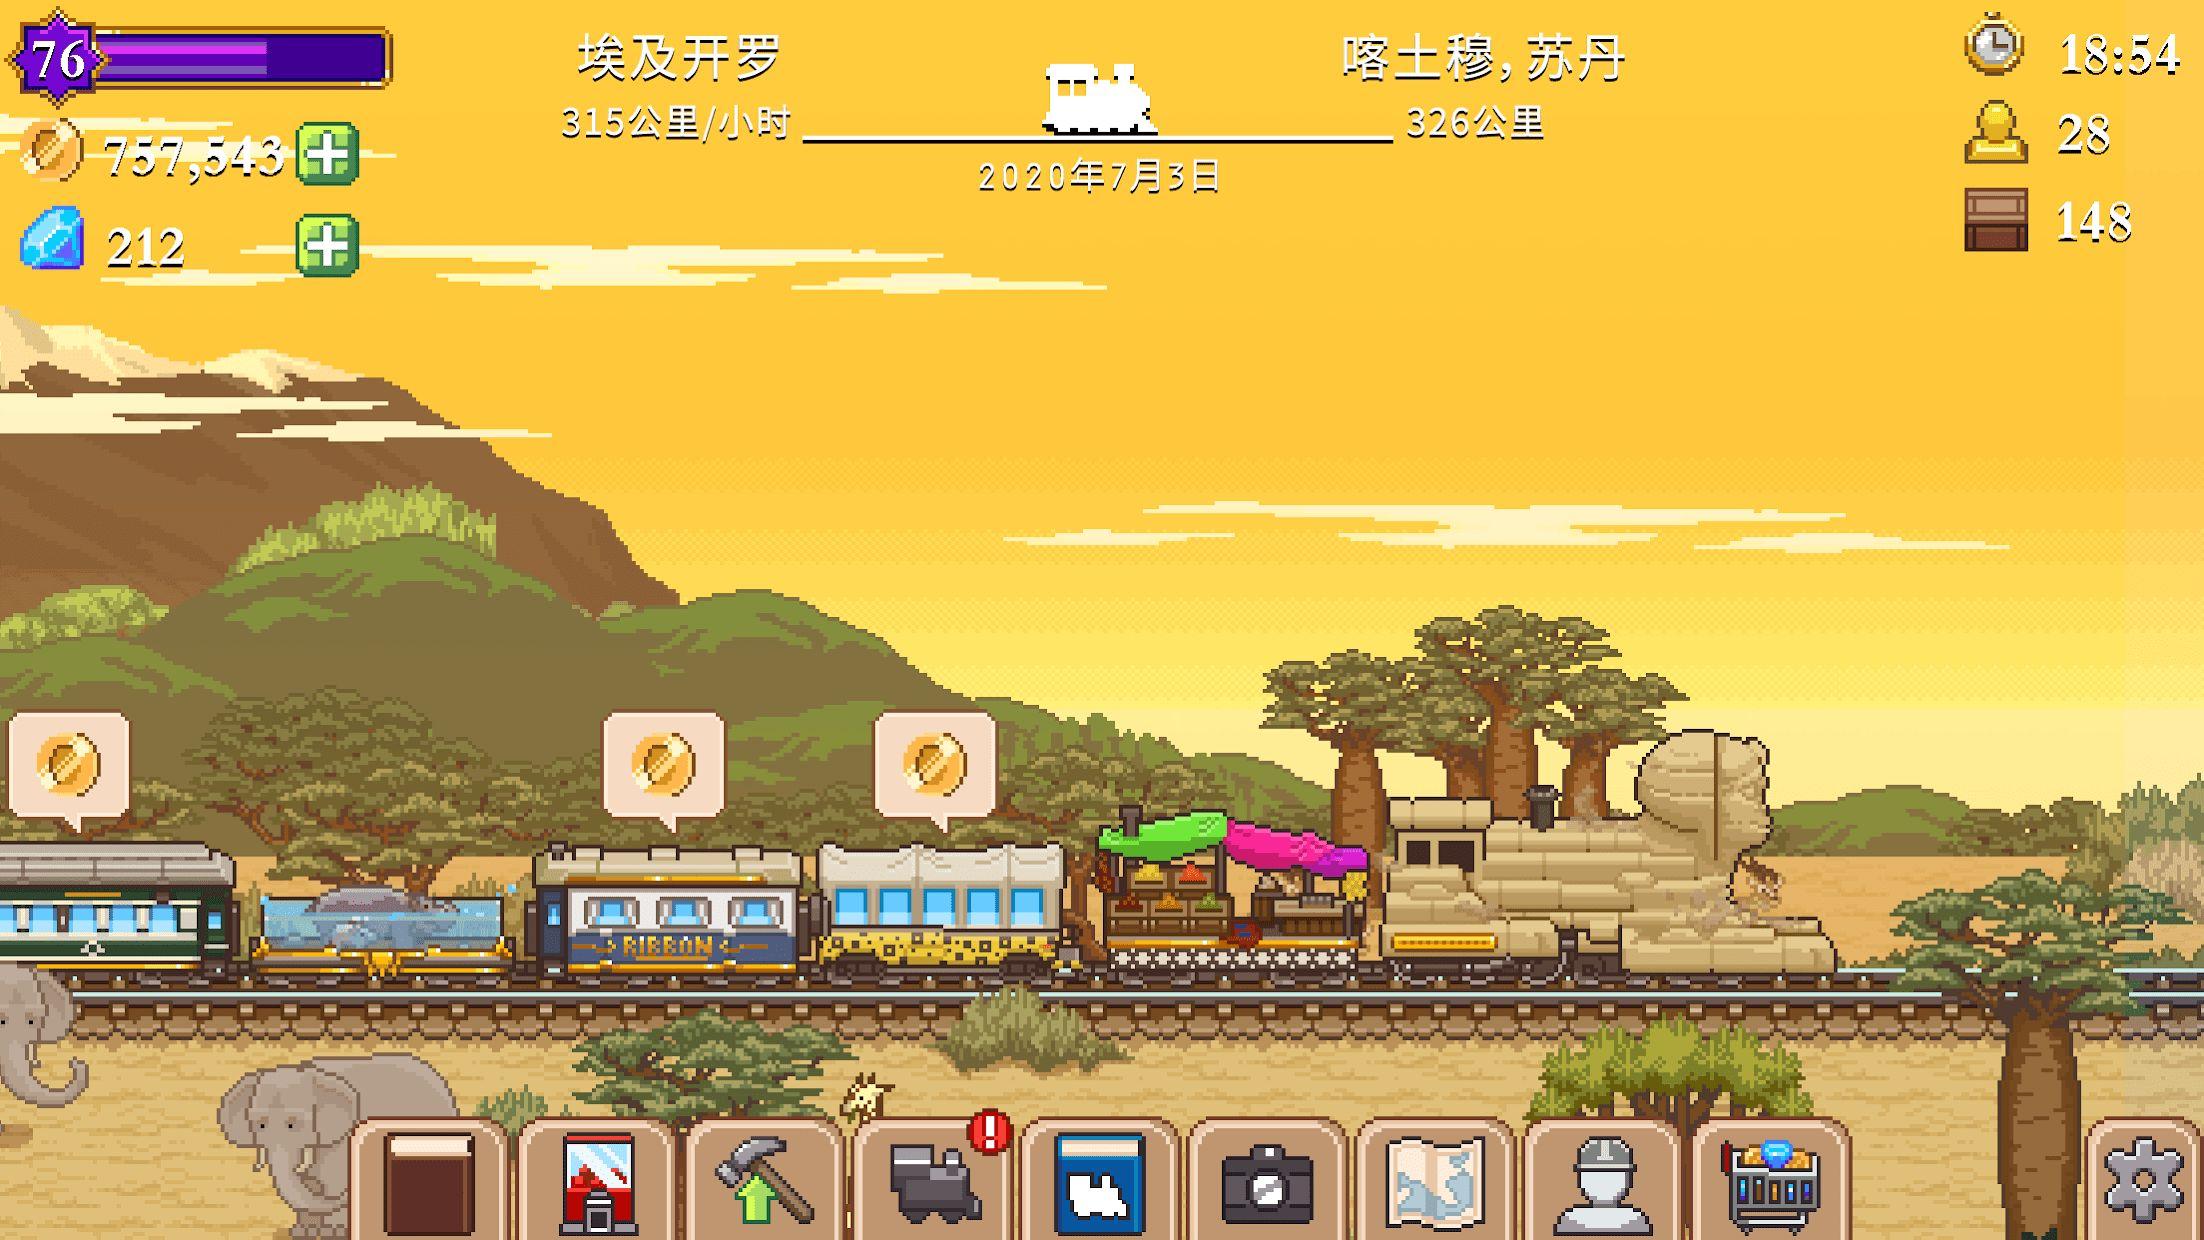 小小铁路 游戏截图5